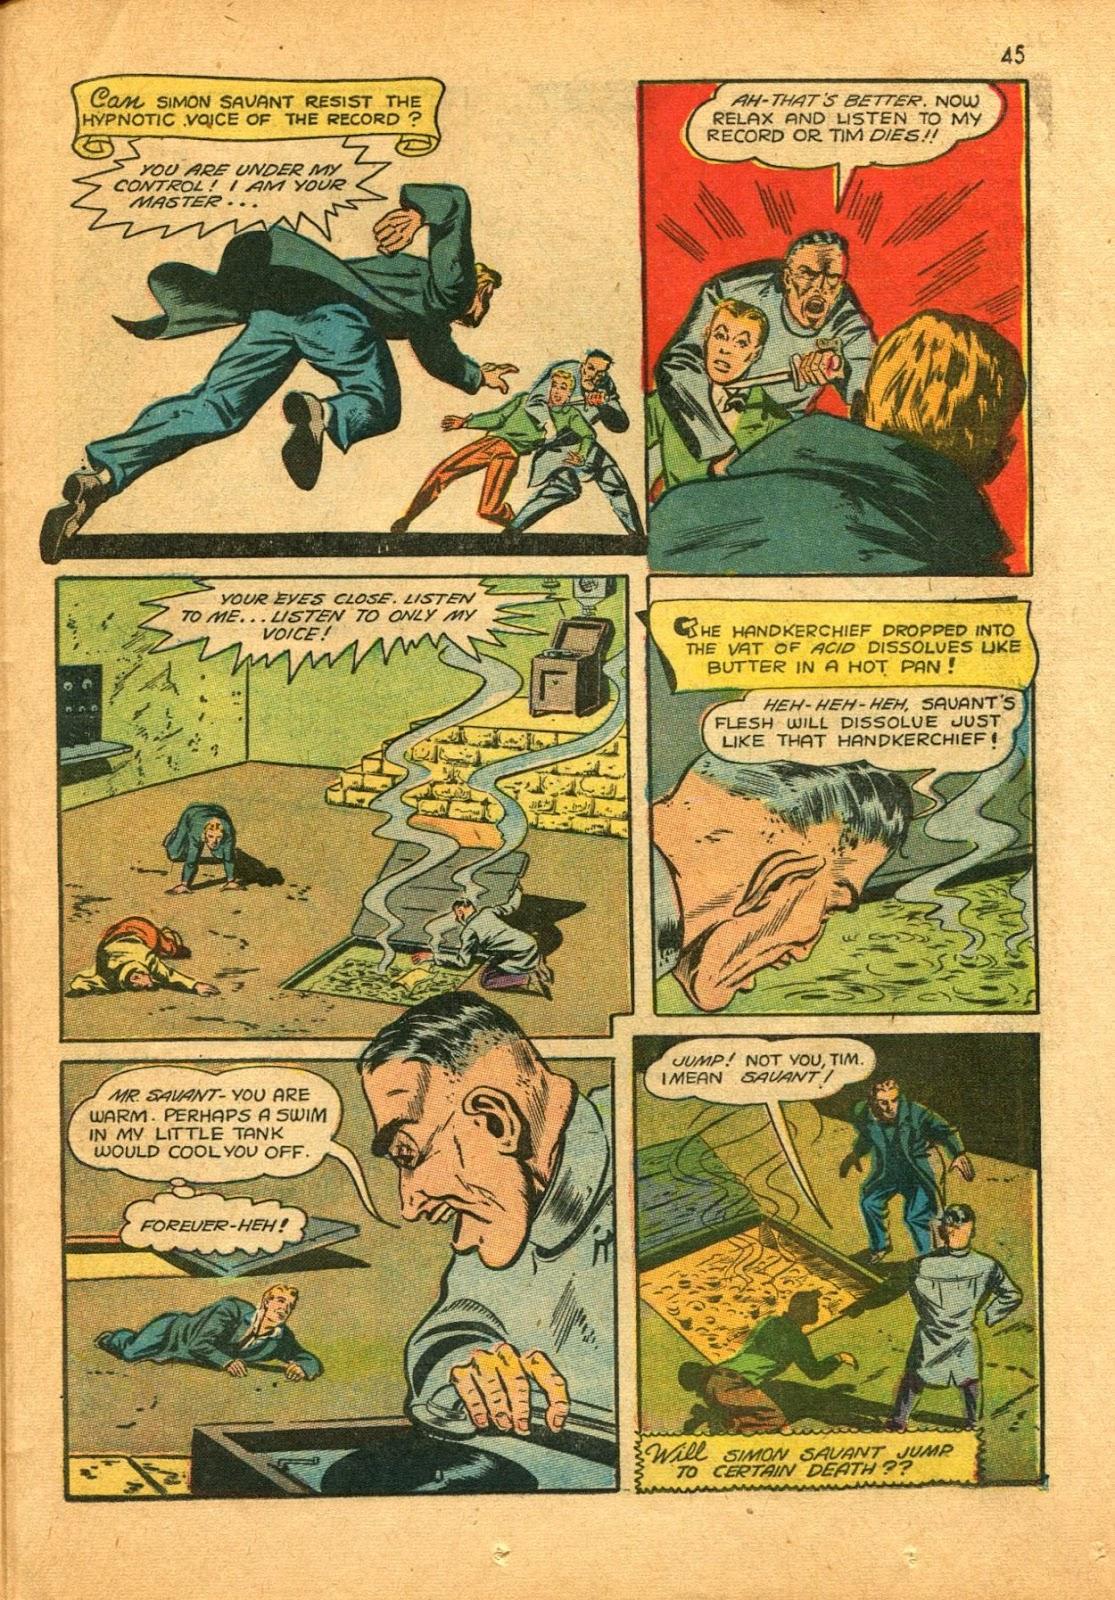 Read online Super-Magician Comics comic -  Issue #11 - 45